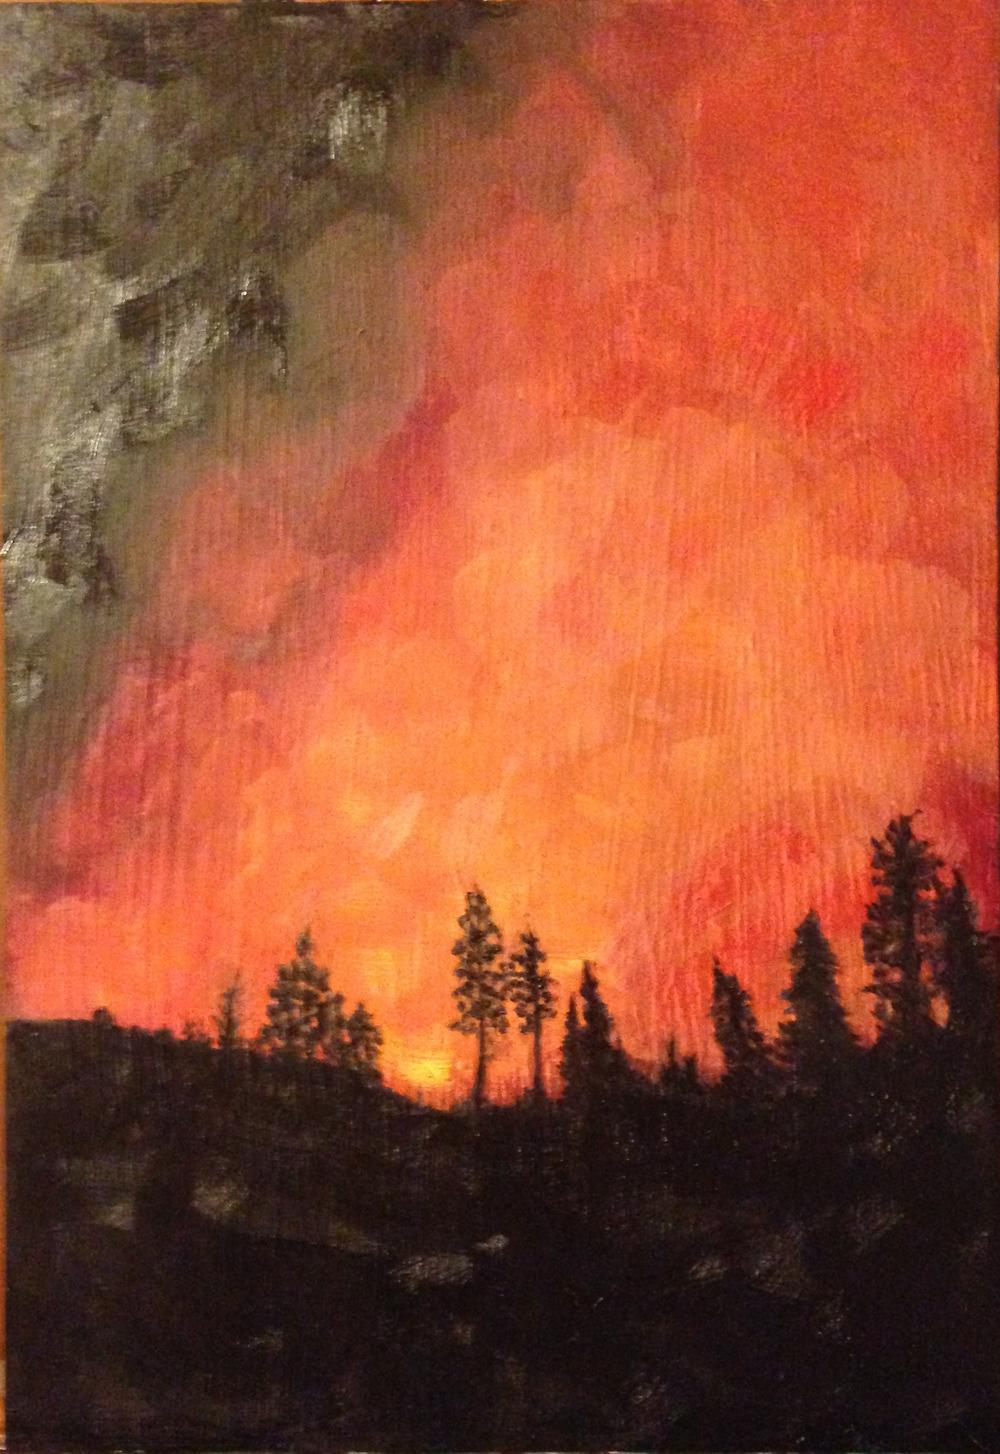 Shingle Fire